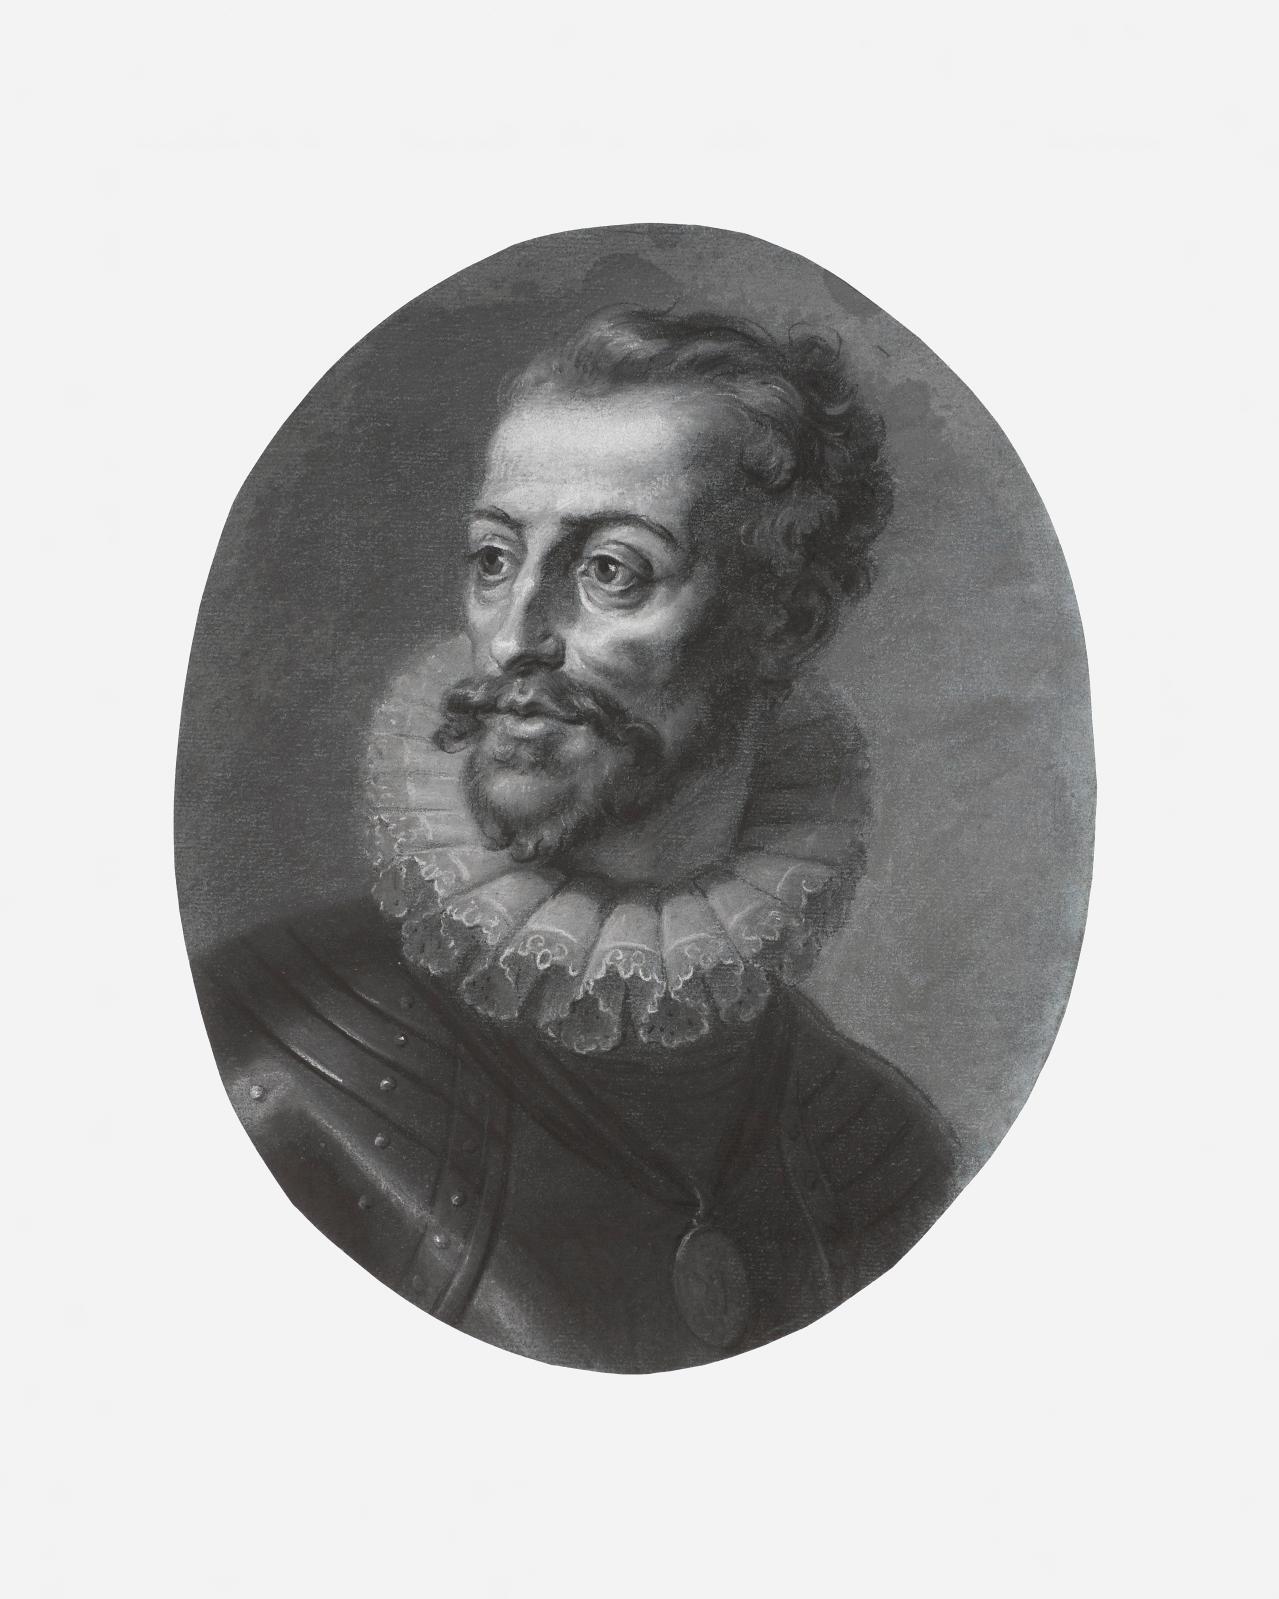 Louis Ier de Bourbon, Prince de Condé, attribué à Fragonard, décrit comme pastel blanc, gris et noir sur papier bleu, portant un filigrane